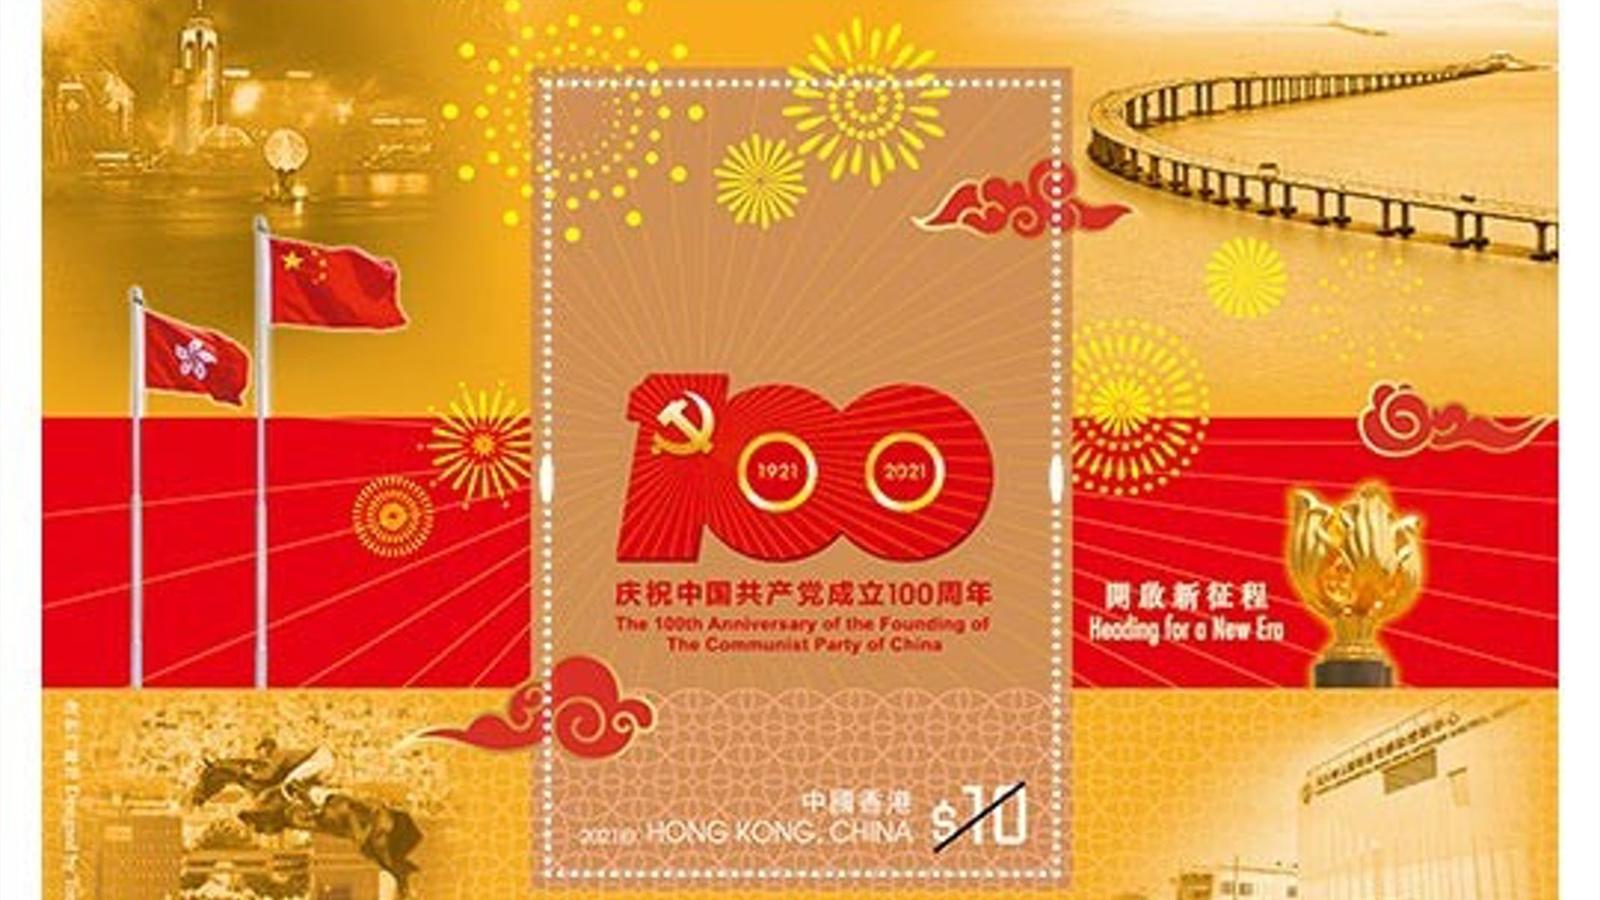 香港郵政七一發行特別郵票 紀念中國共產黨建黨100周年